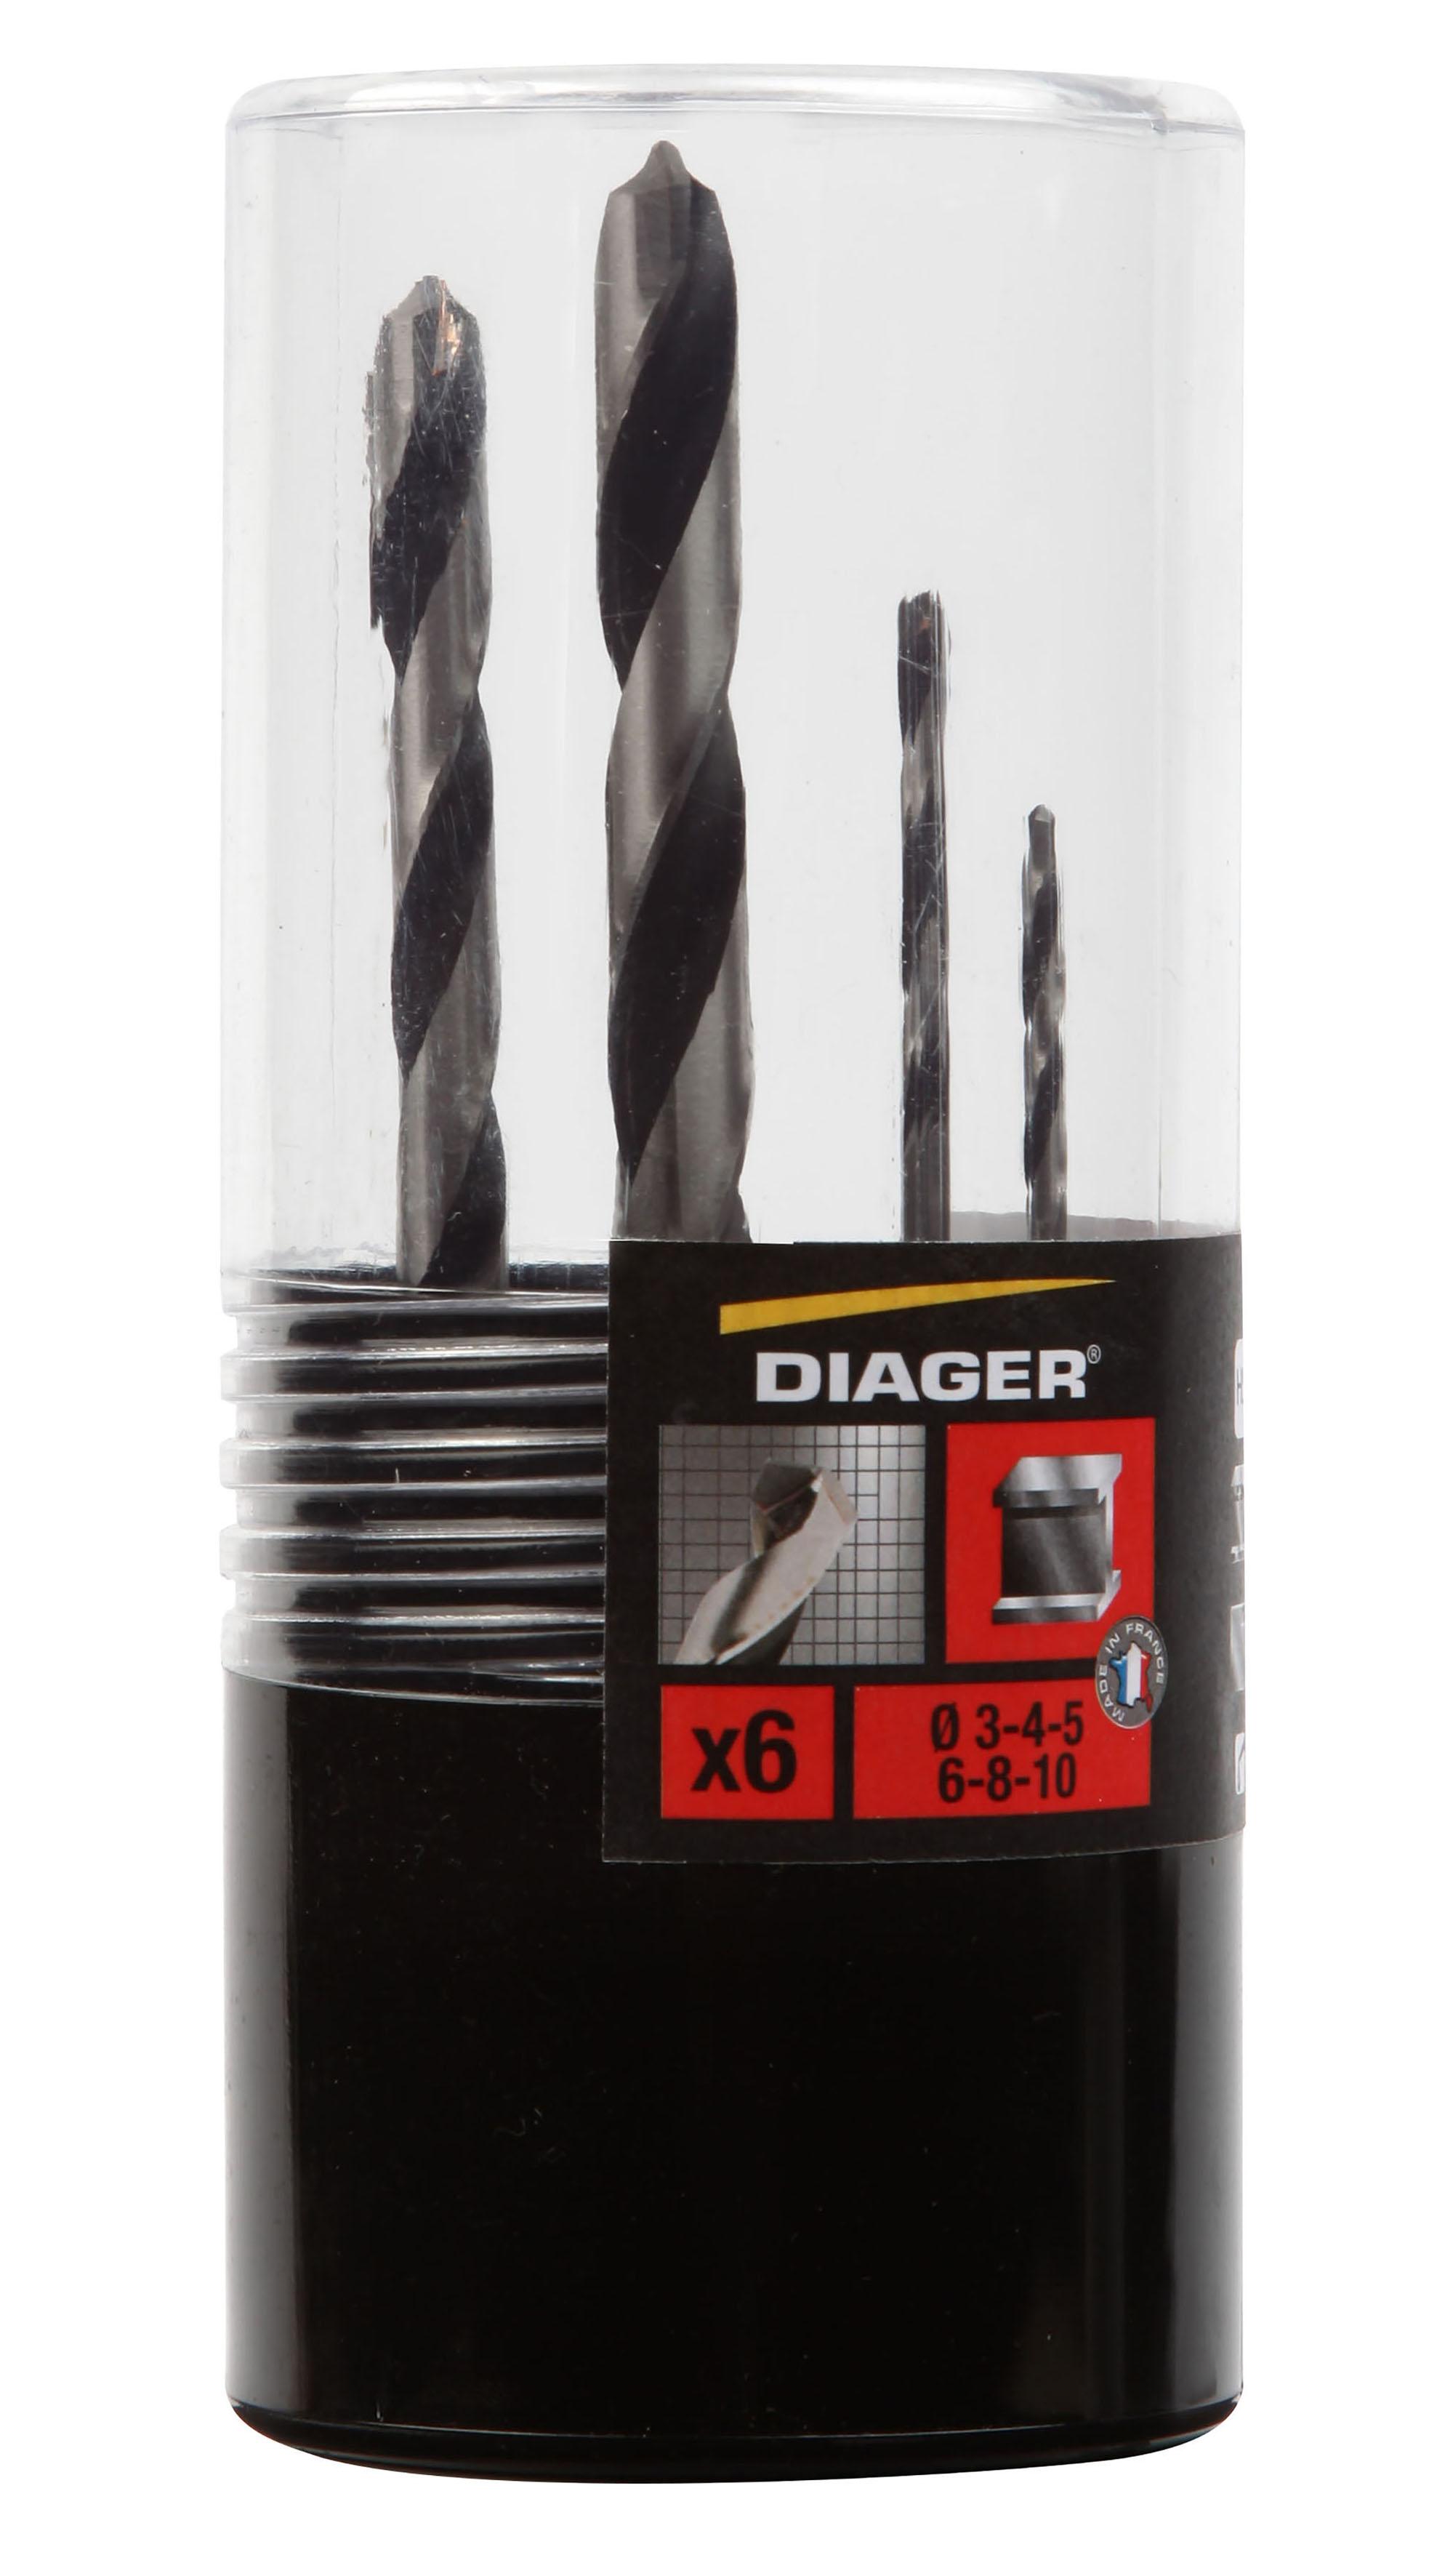 Perçage Foret carbure Kit Foret Plaquette D2409 6pcs - 507C.jpg